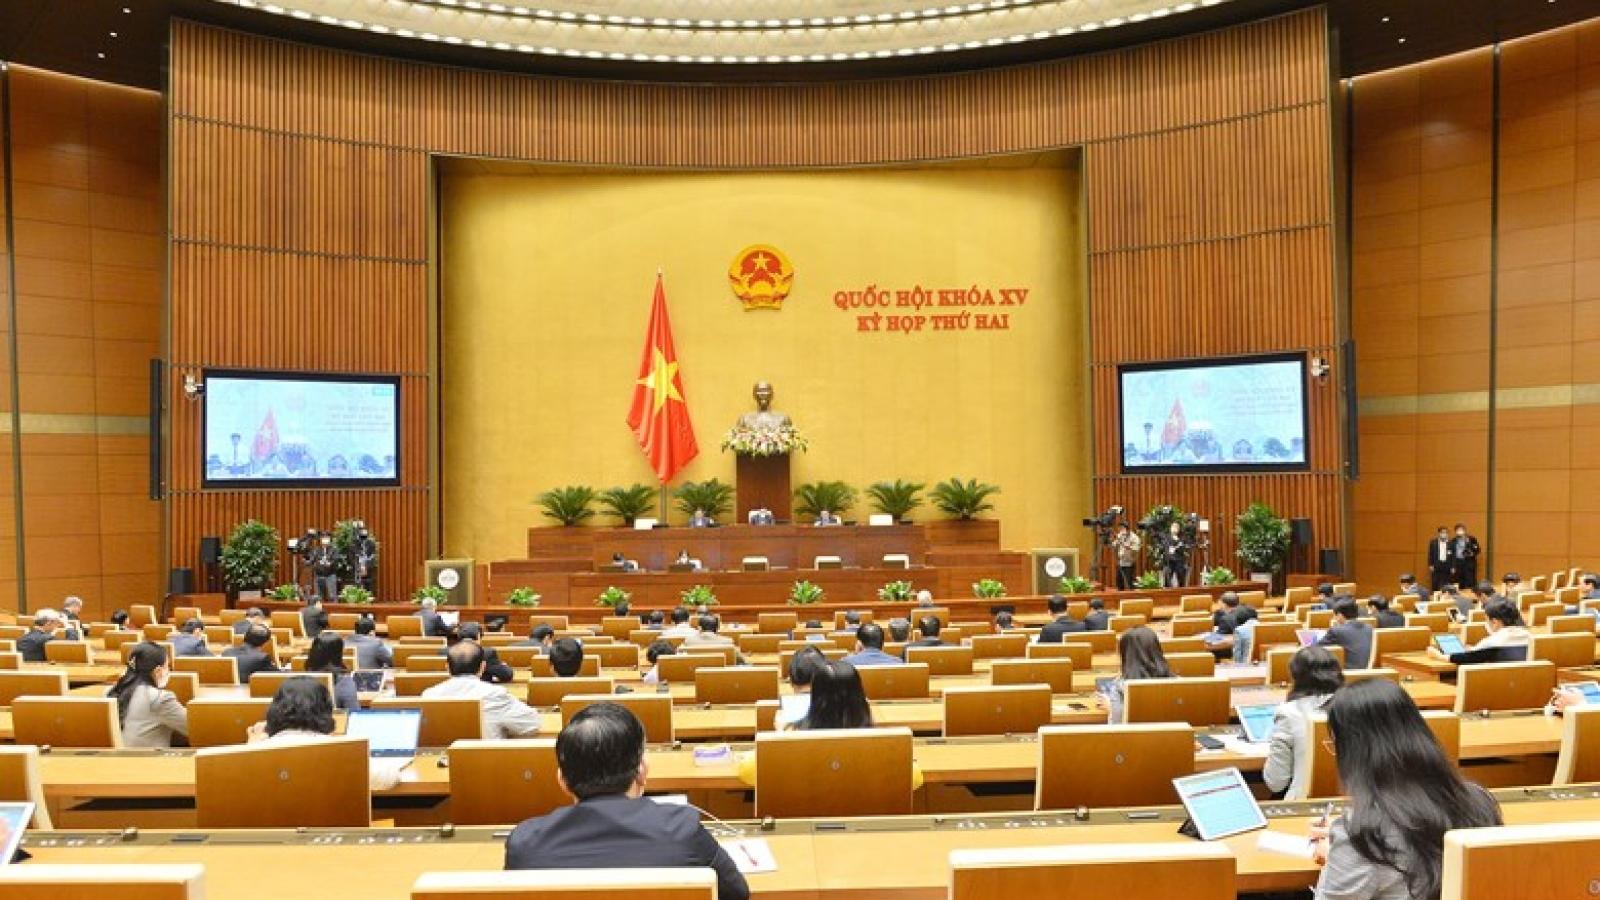 Quốc hội sẽ bàn về cơ cấu lại nền kinh tế và sử dụng đất quốc gia